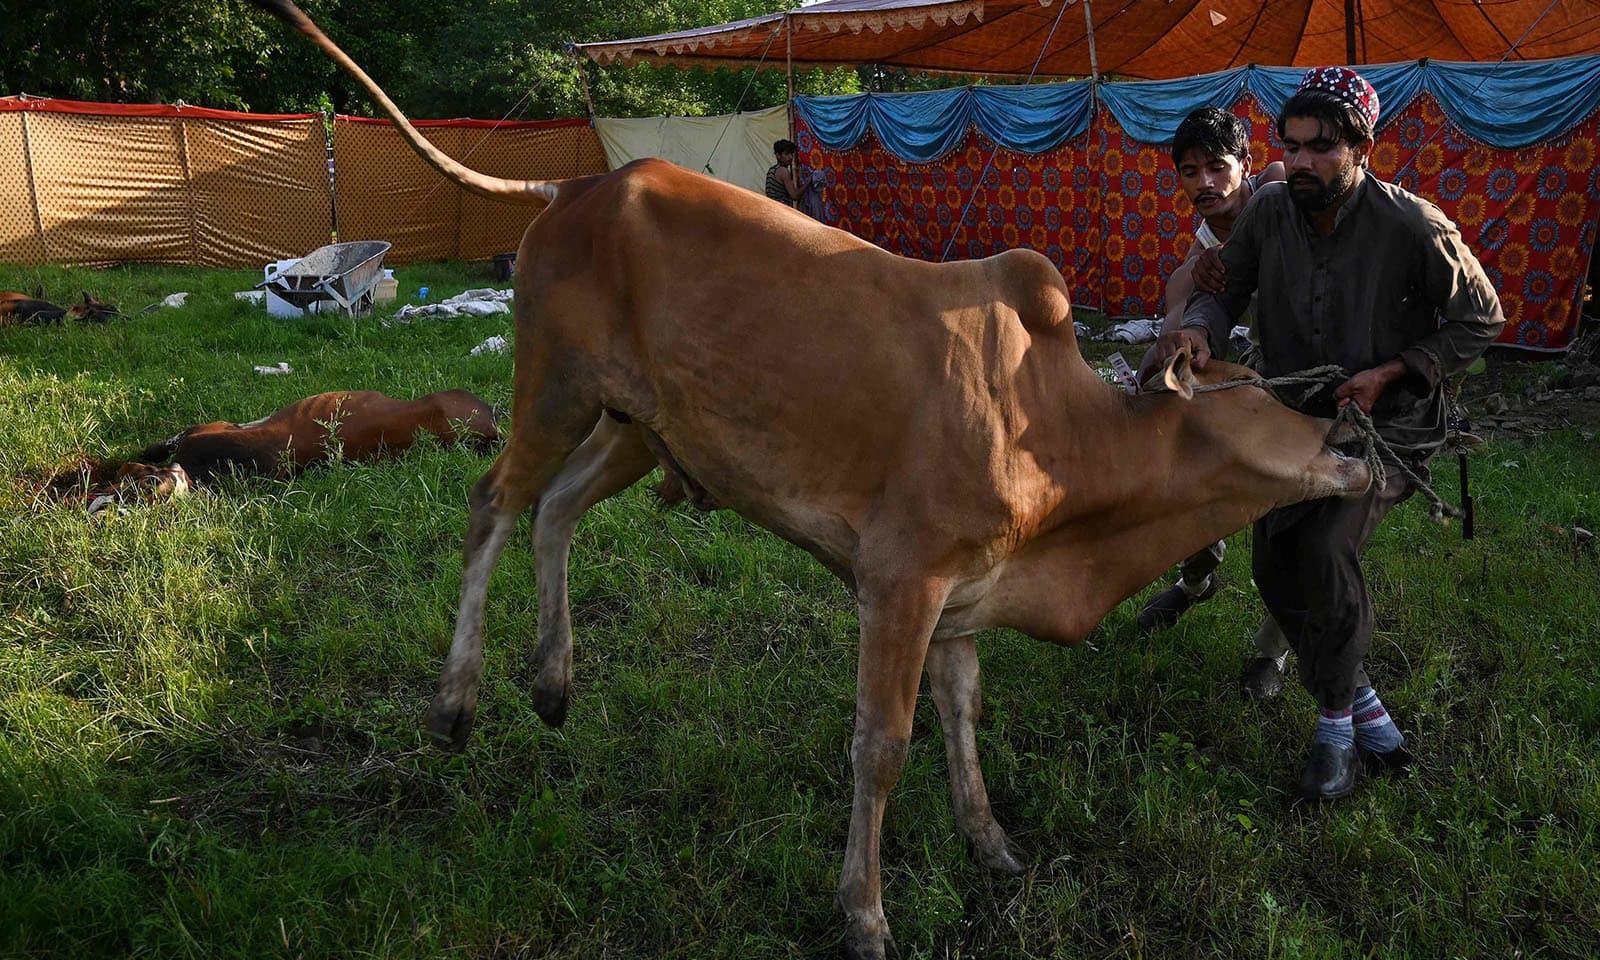 پاکستان میں نماز عید کی ادائیگی کے فوراً بعد جانور قربان کرنے کا آغاز ہوجاتا ہے—تصویر:اے ایف پی